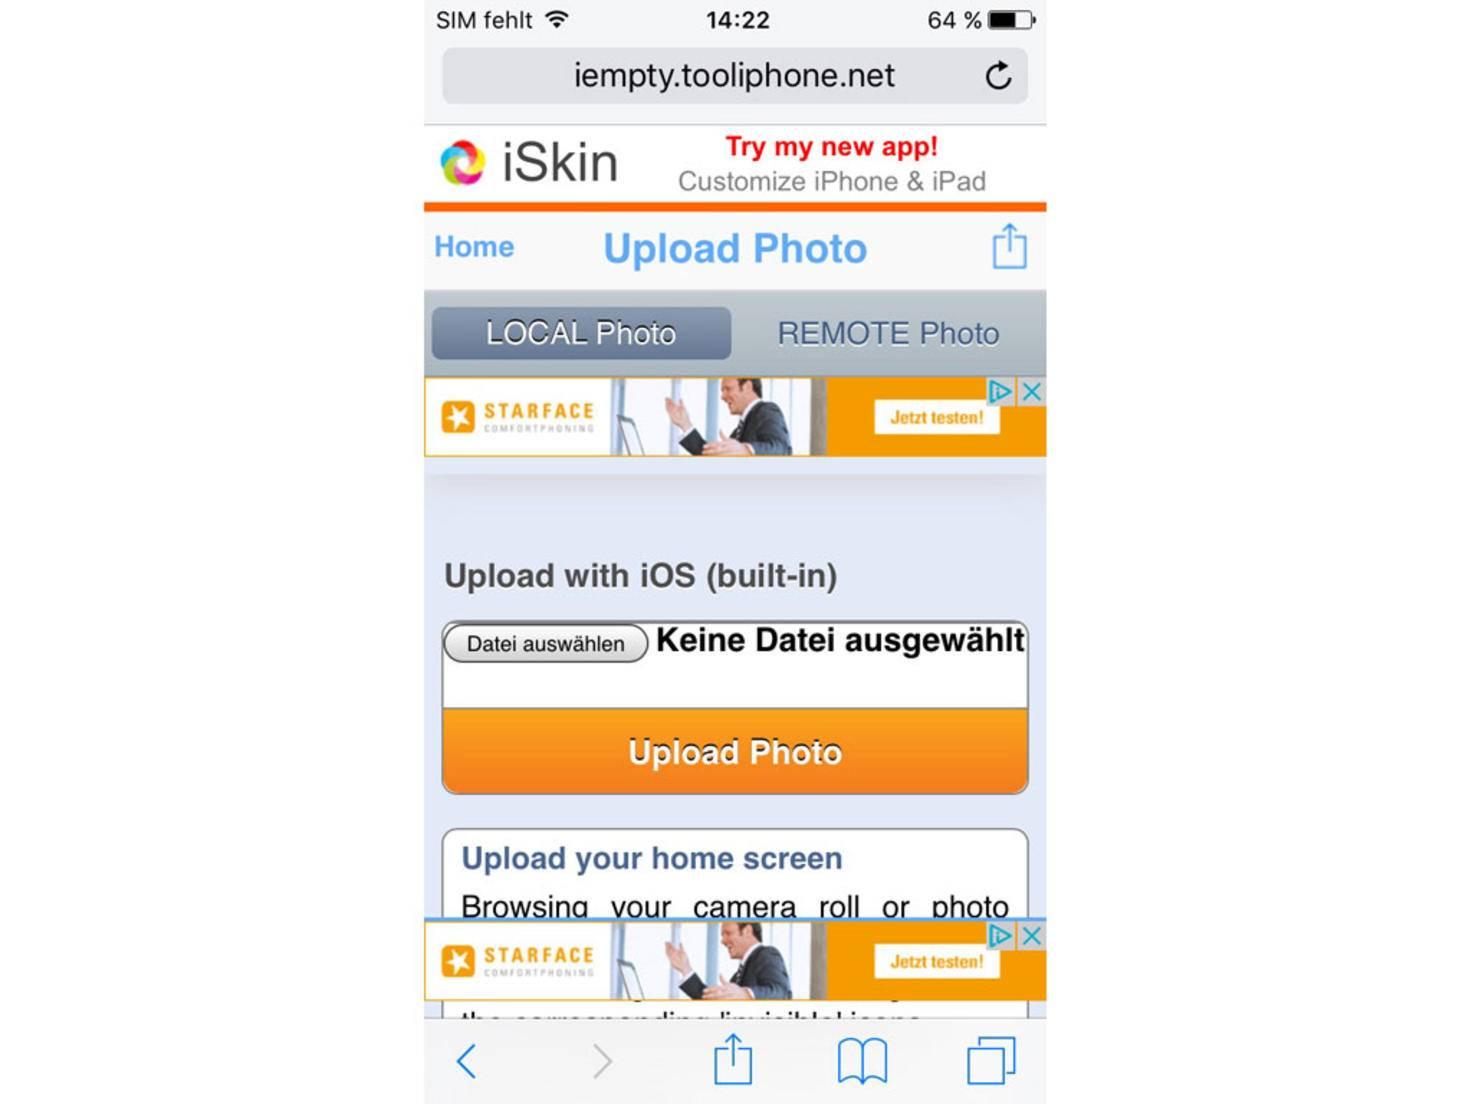 """Klicke """"Datei auswählen"""", um den Screenshot hochzuladen."""